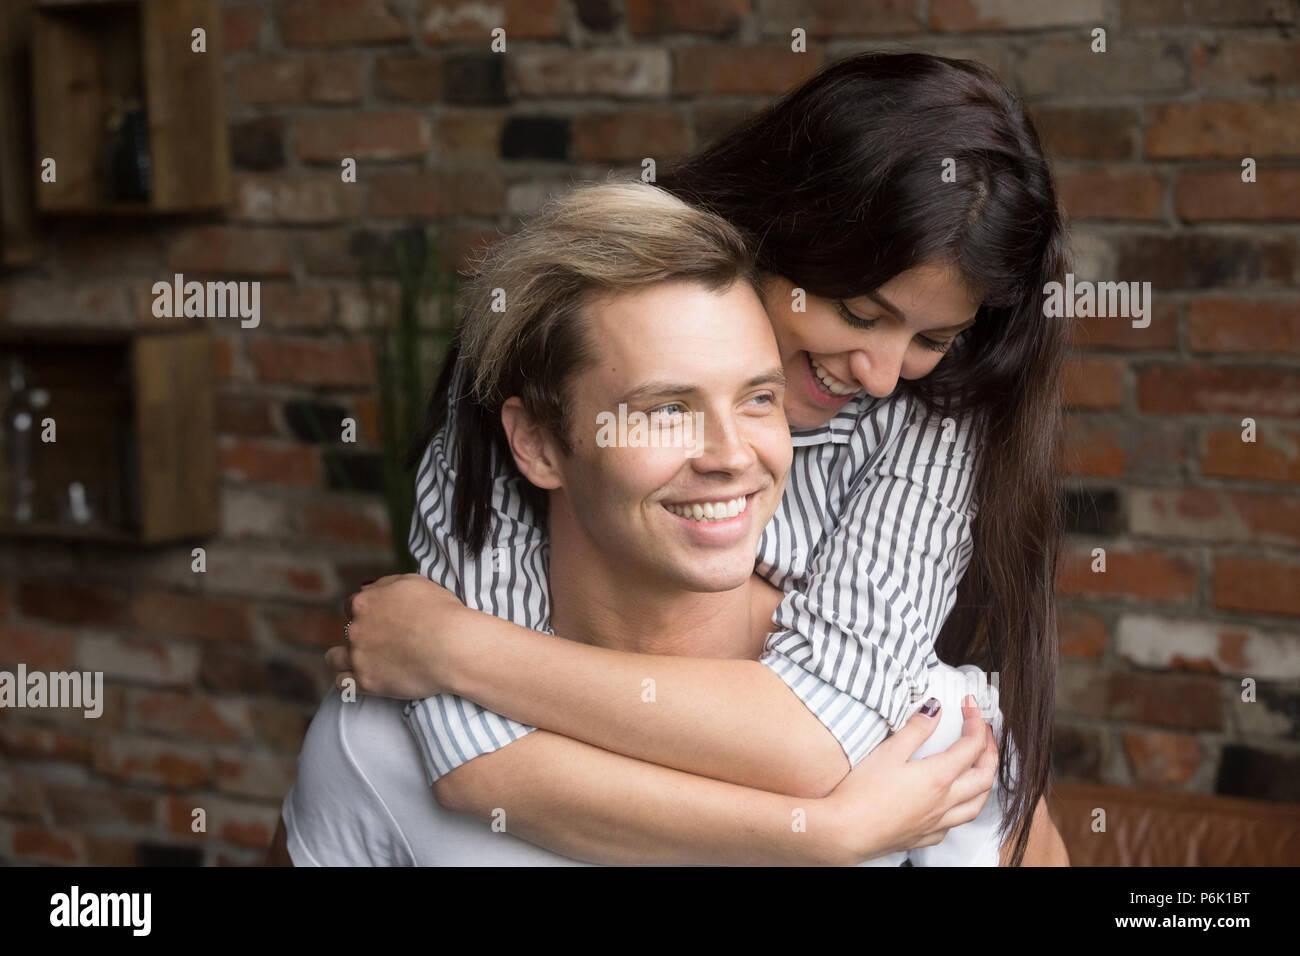 Feliz Novia Novio sonriente piggyback divirtiéndose en casa Imagen De Stock